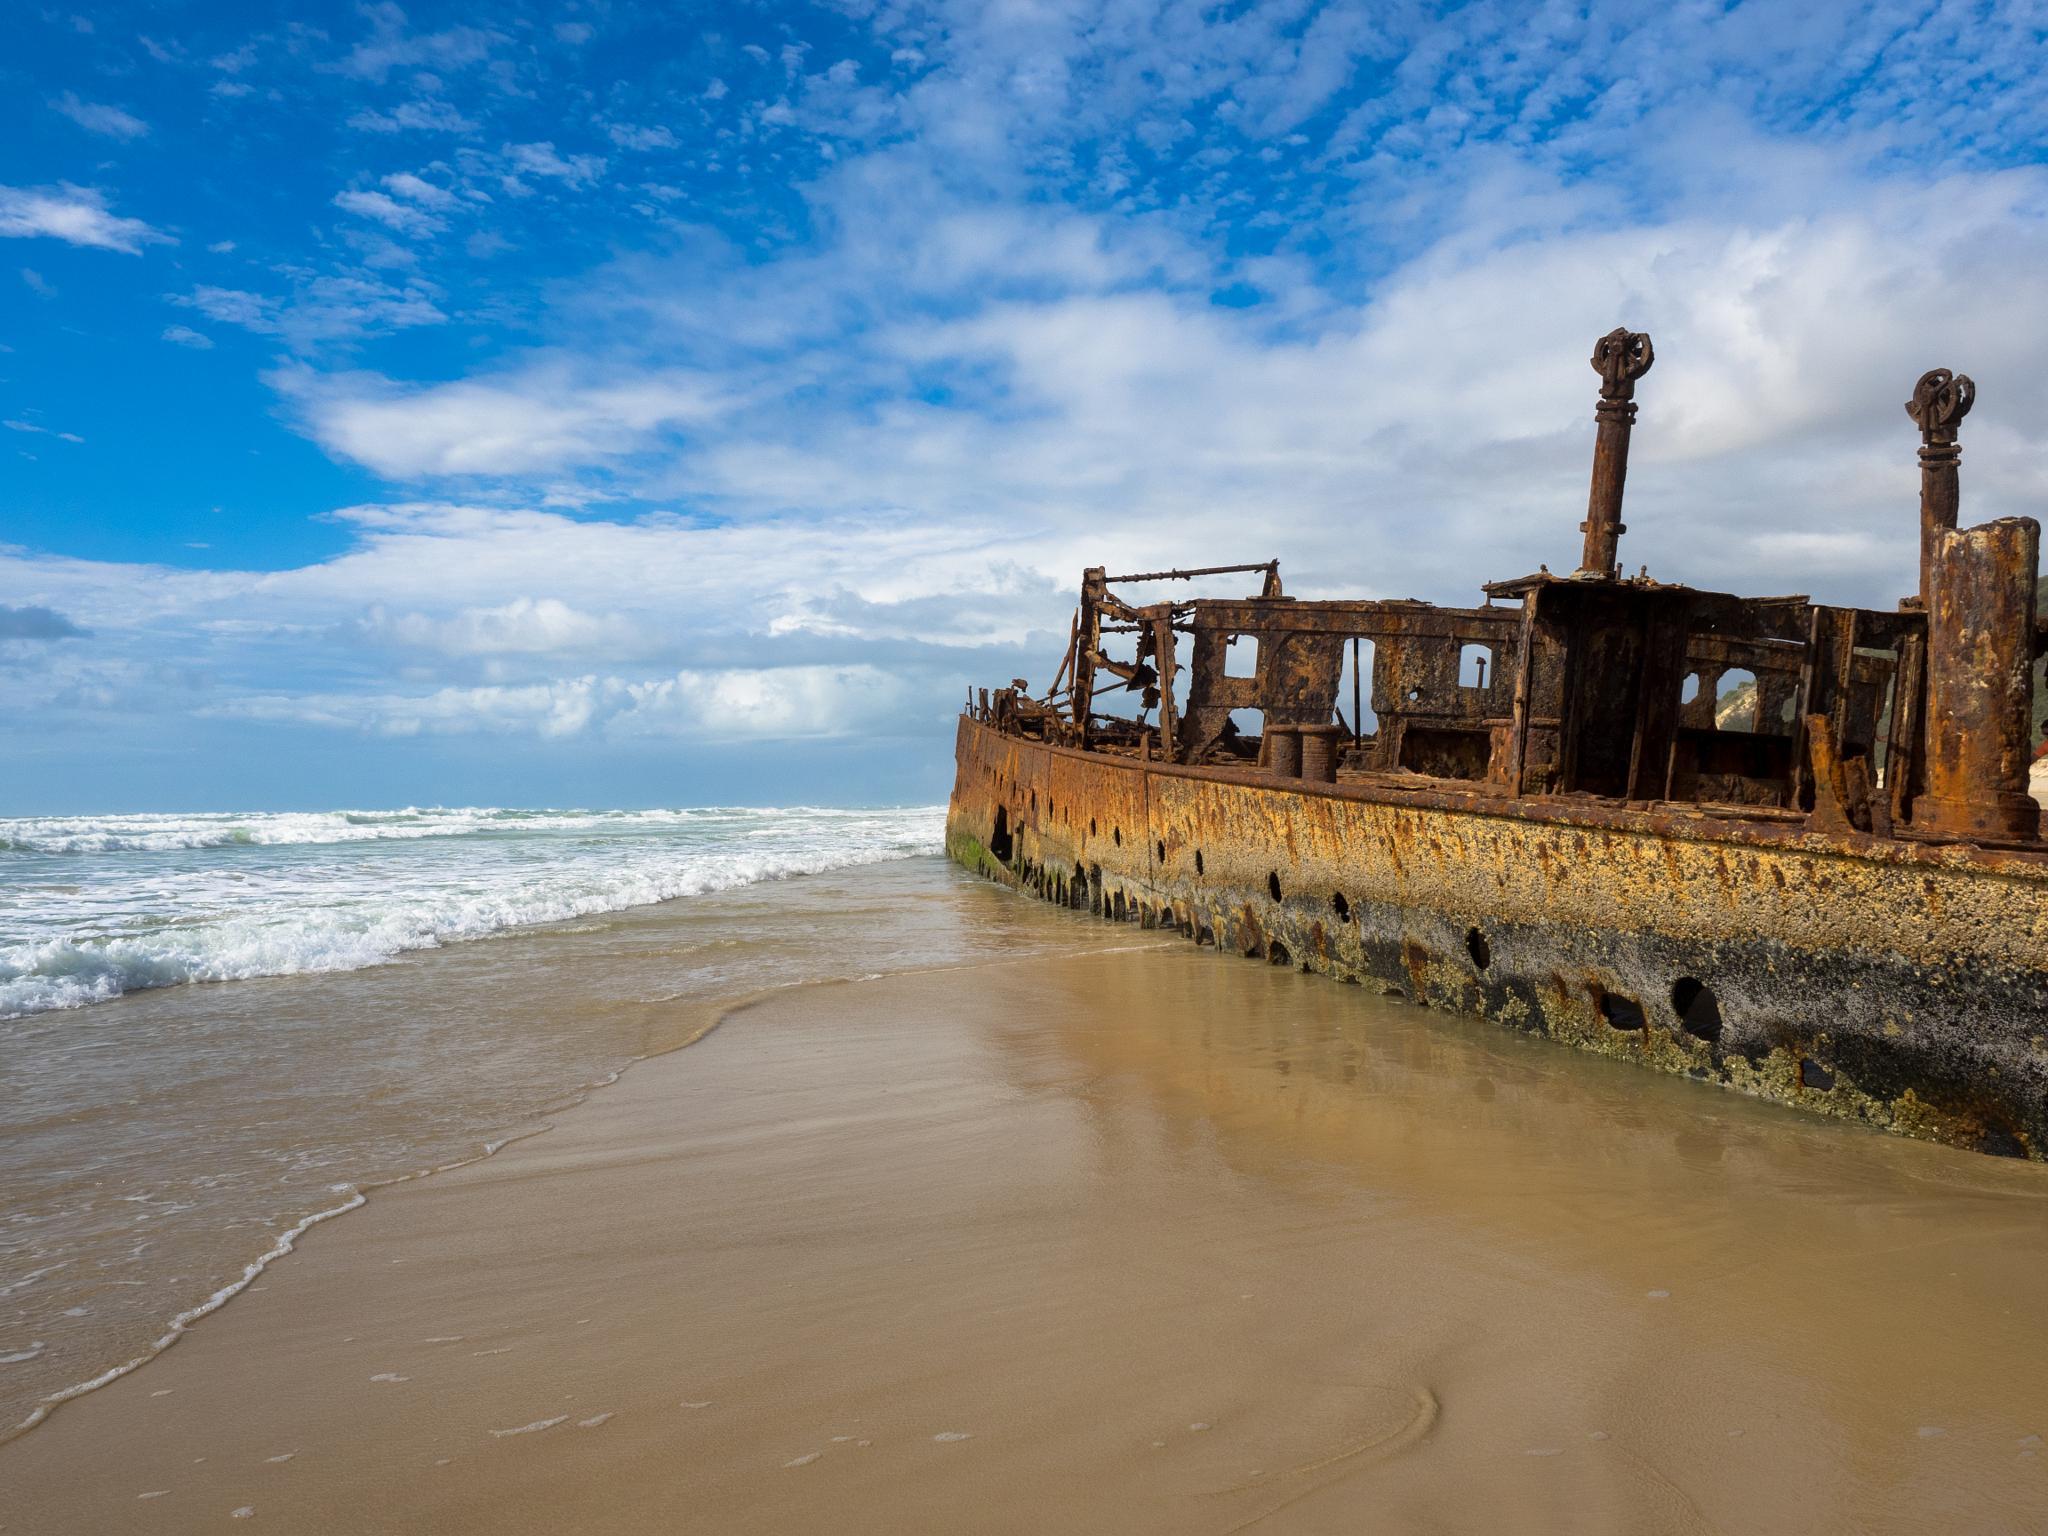 Shipwreck by pixer